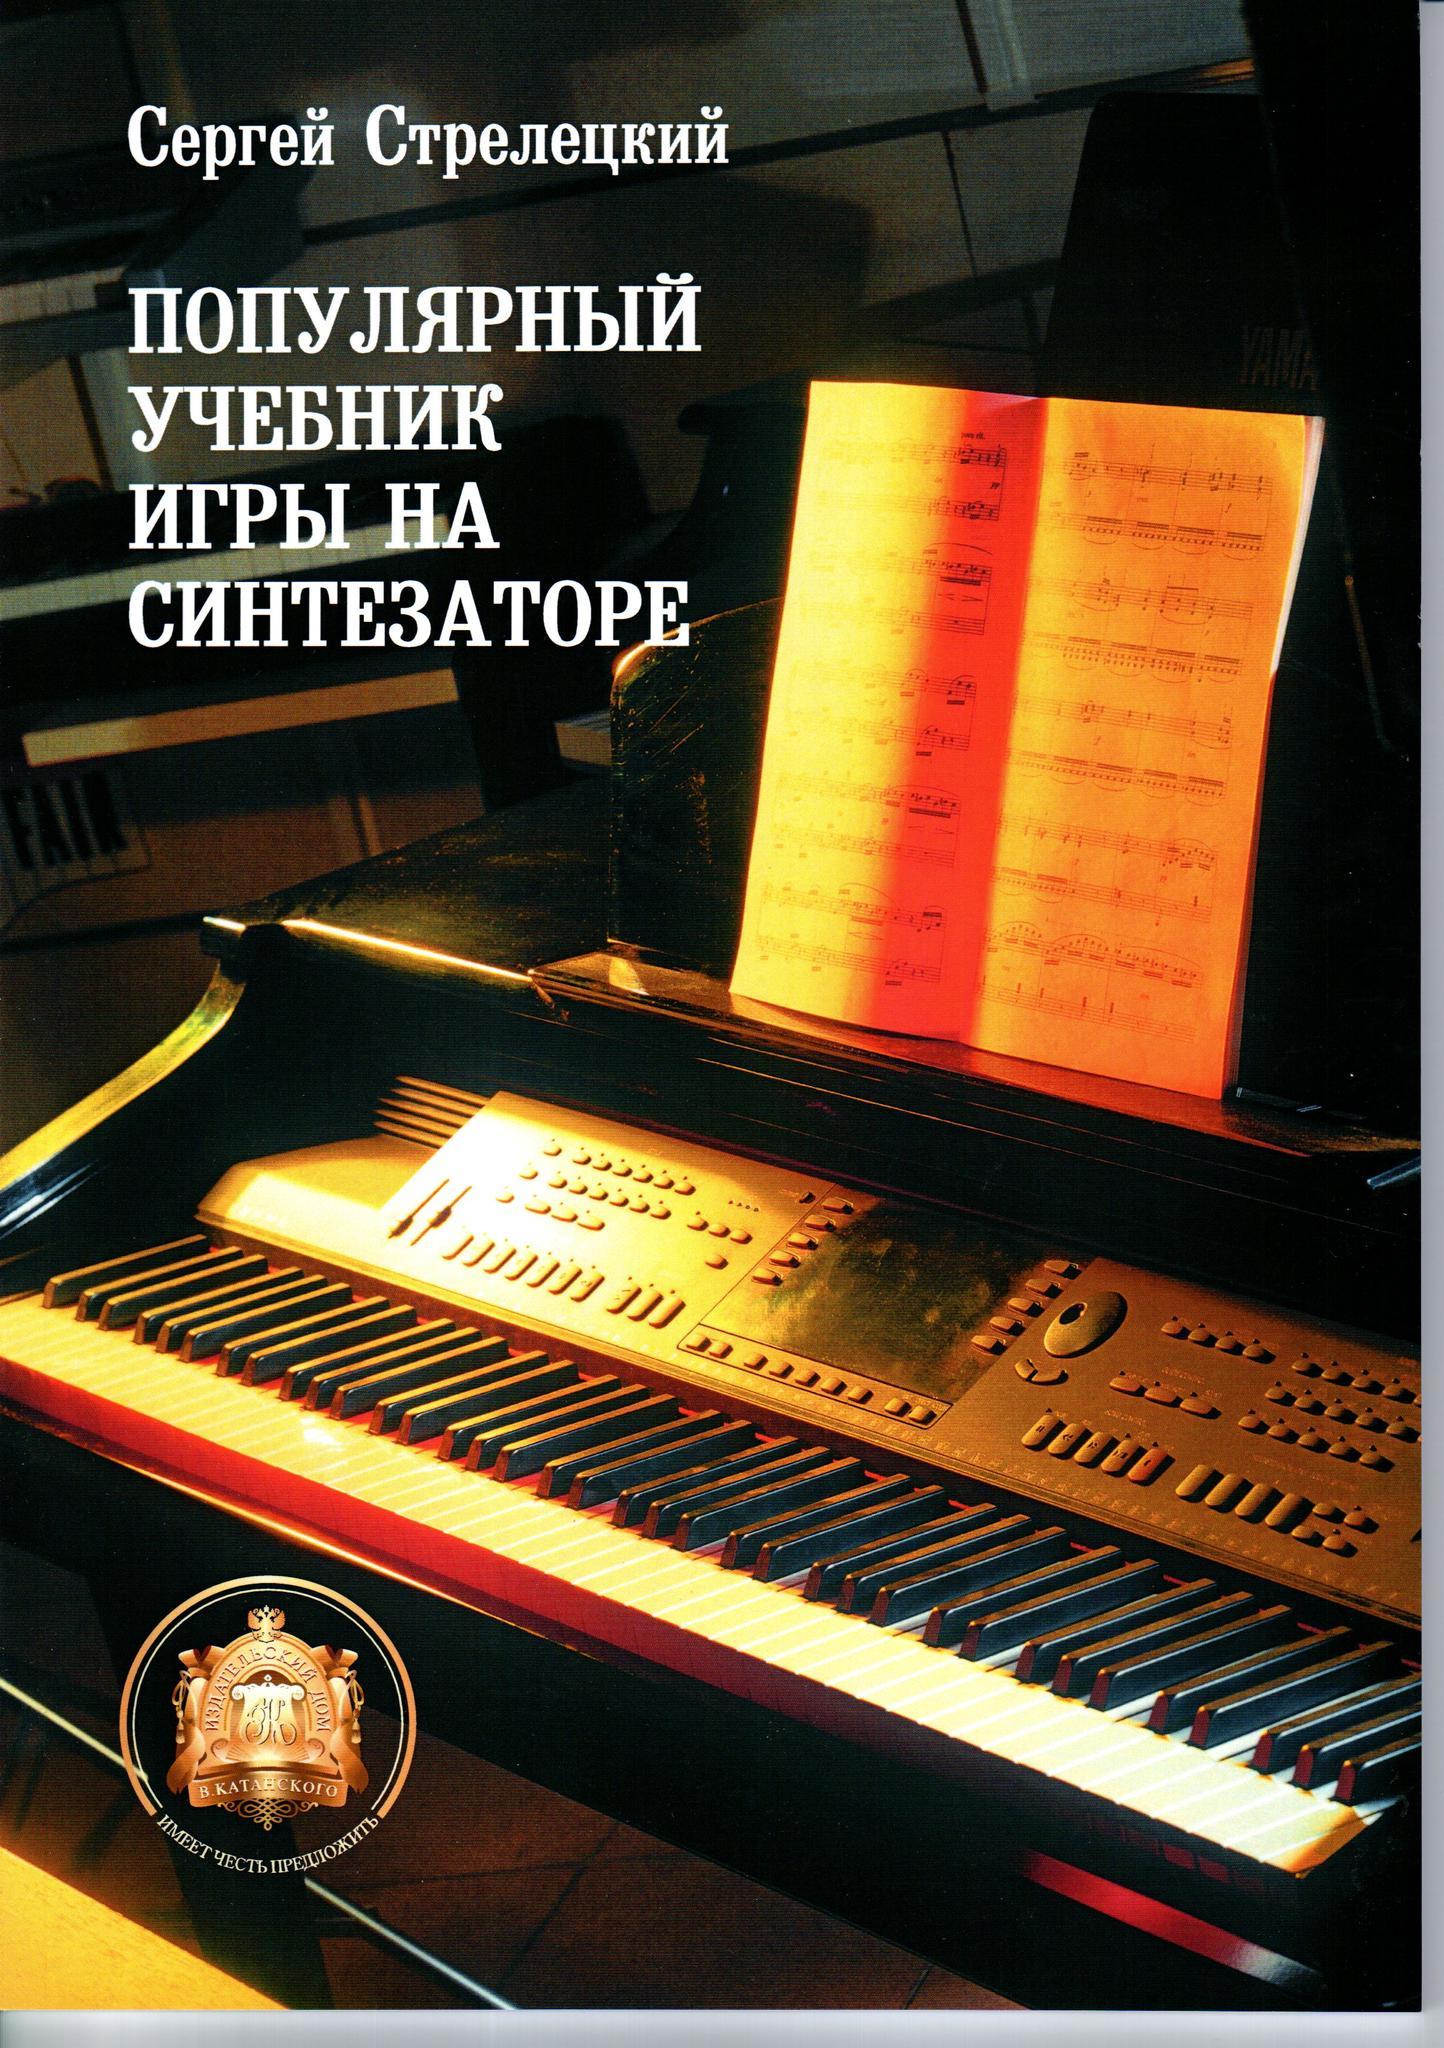 С. Стрелецкий. Популярный учебник игры на синтезаторе